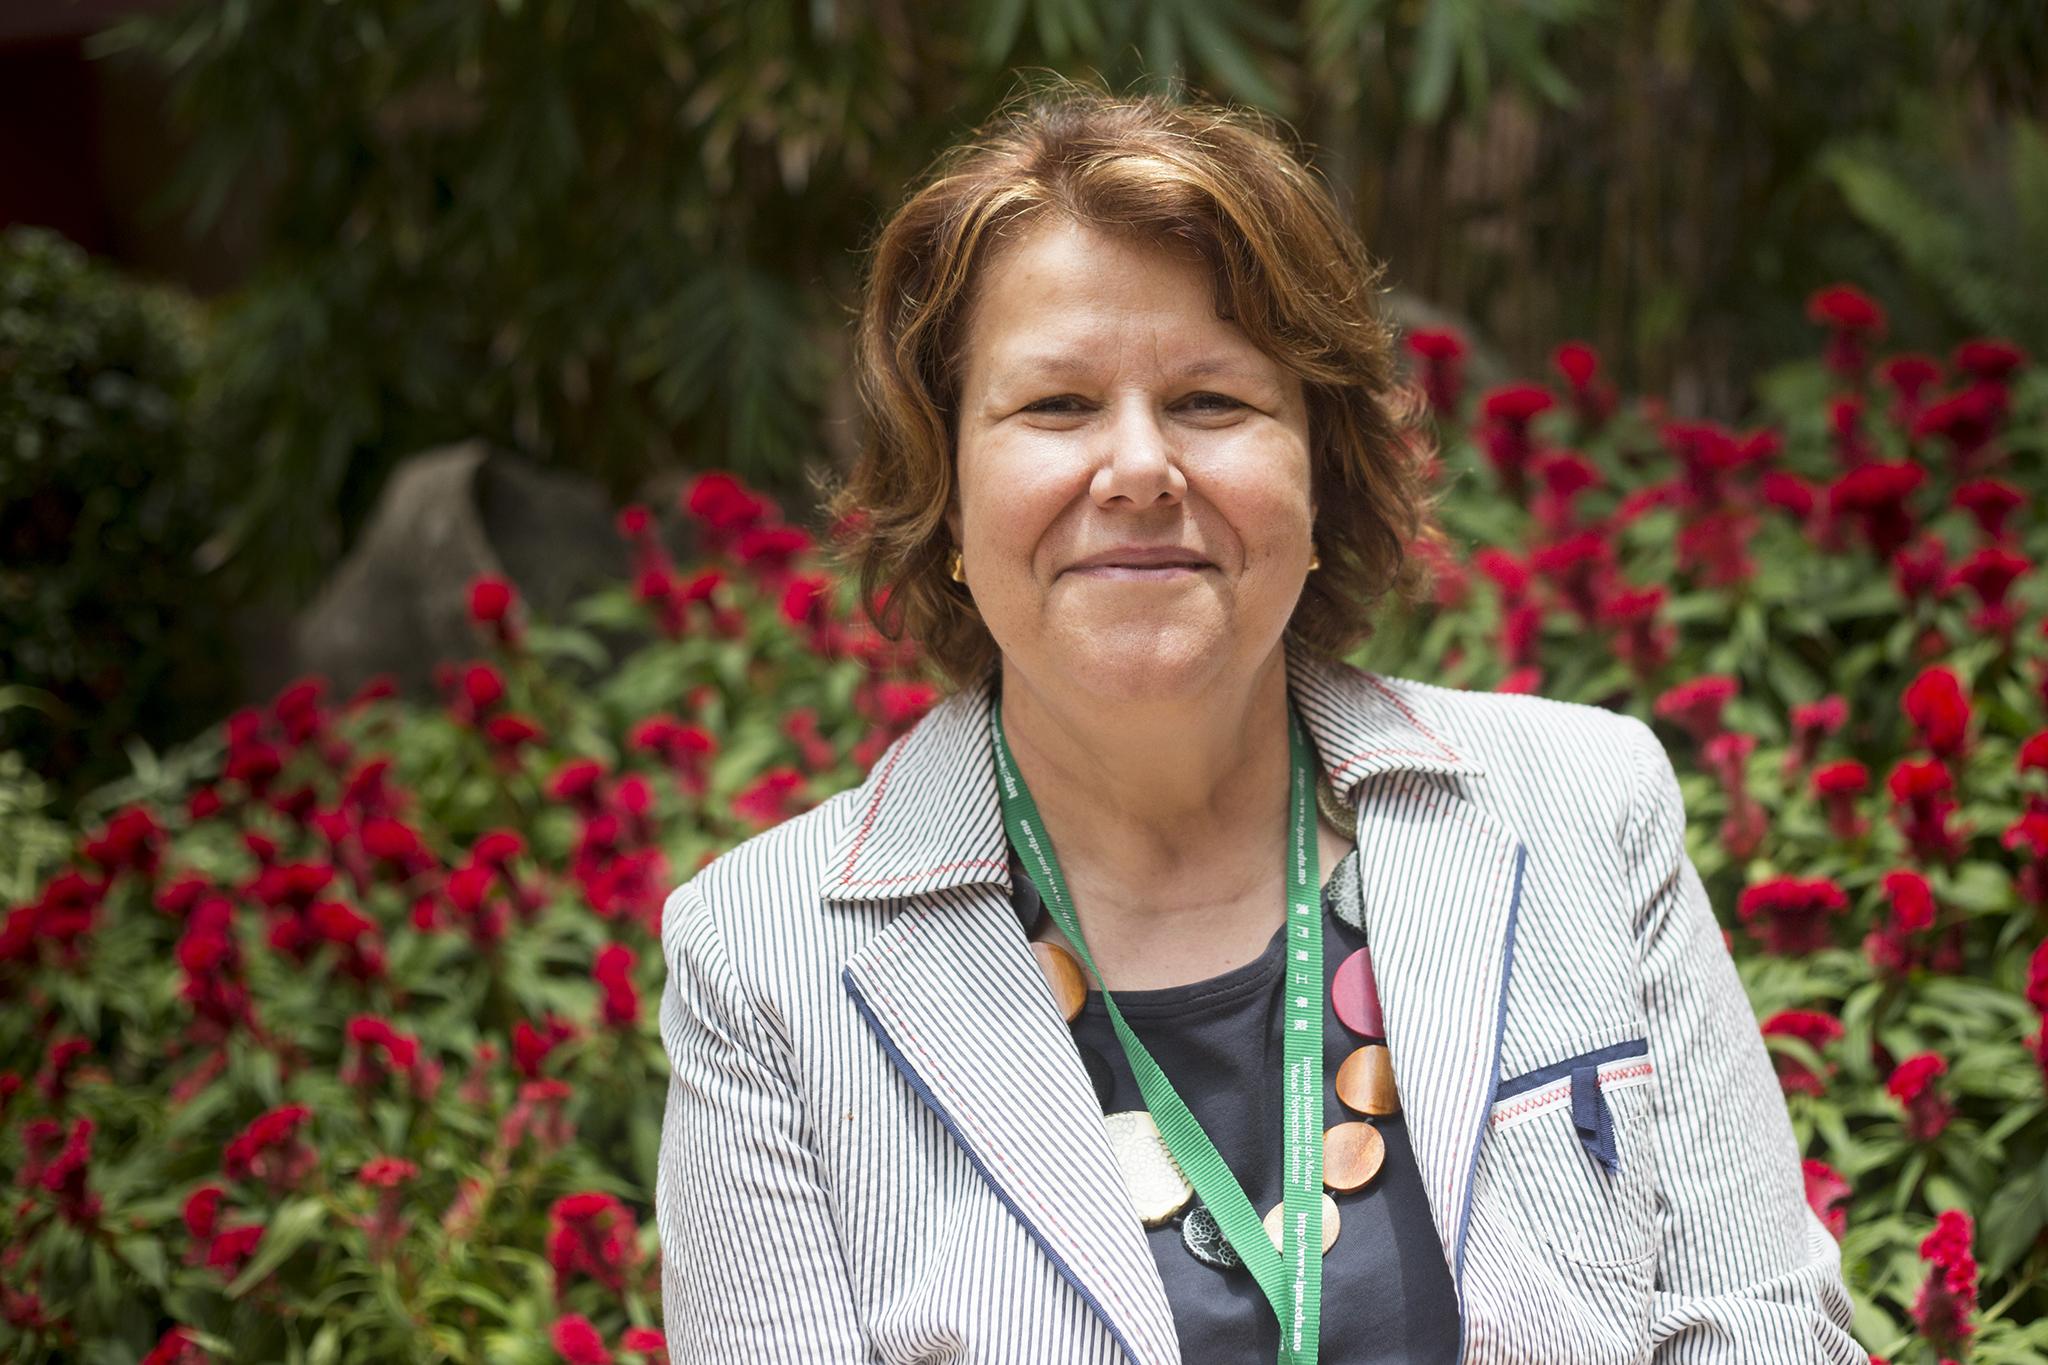 Entrevista   Ana Paula Laborinho, presidente do Instituto Camões